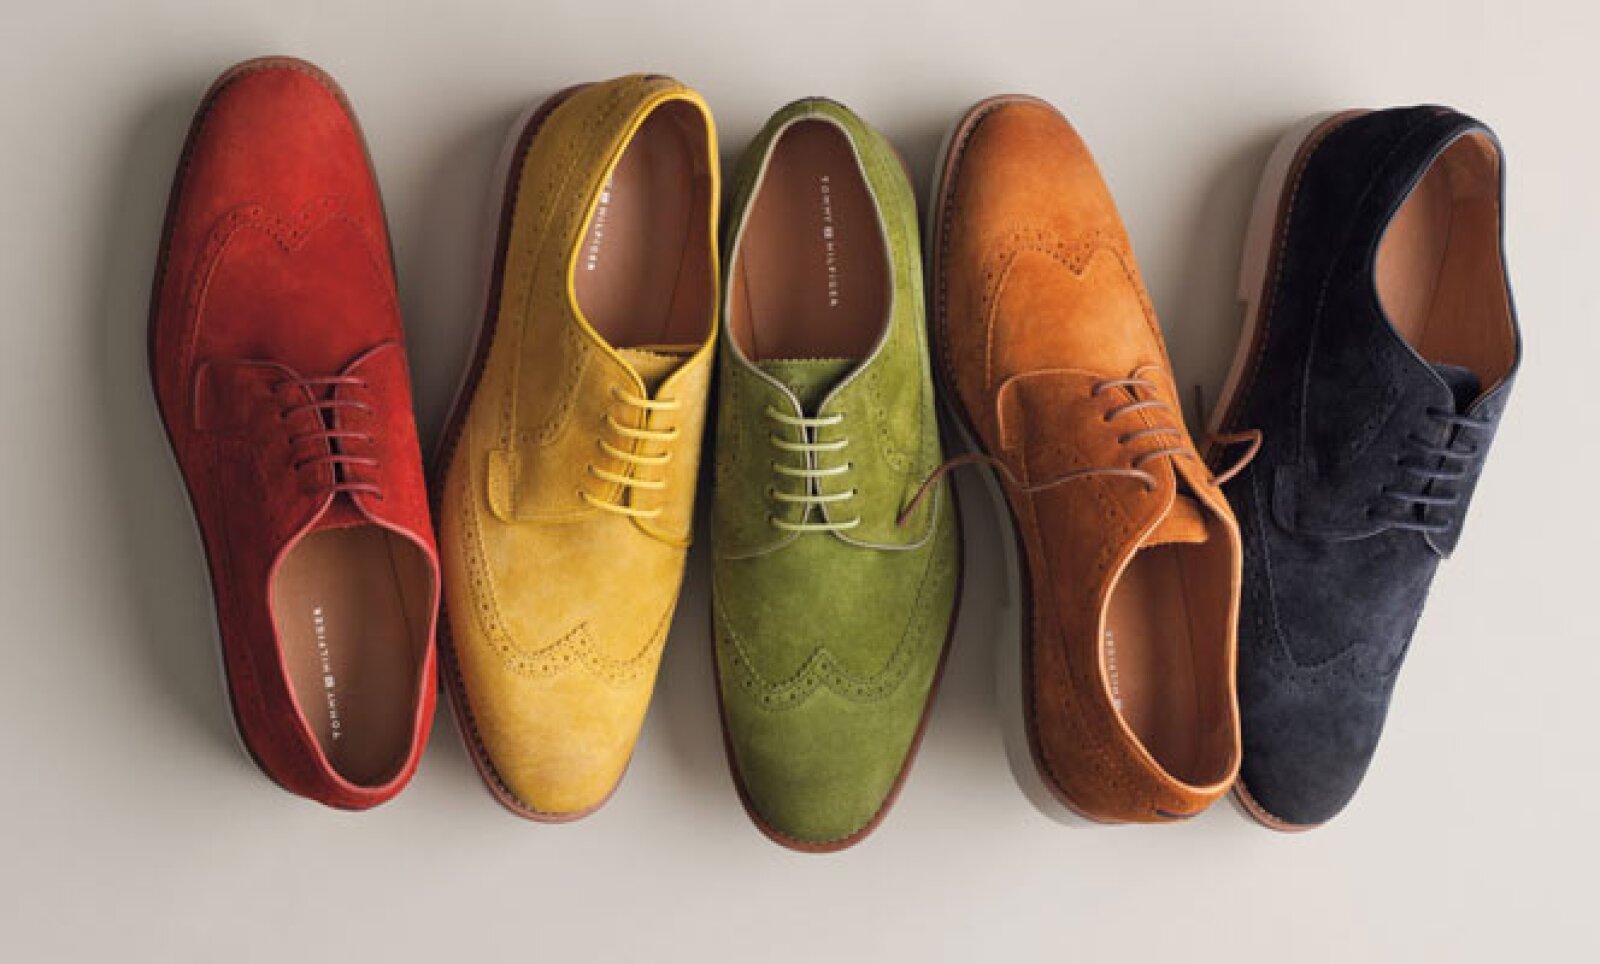 Si lo prefieres, estas opciones fabricadas en gamuza también pueden ayudar a resaltar tu estilo.